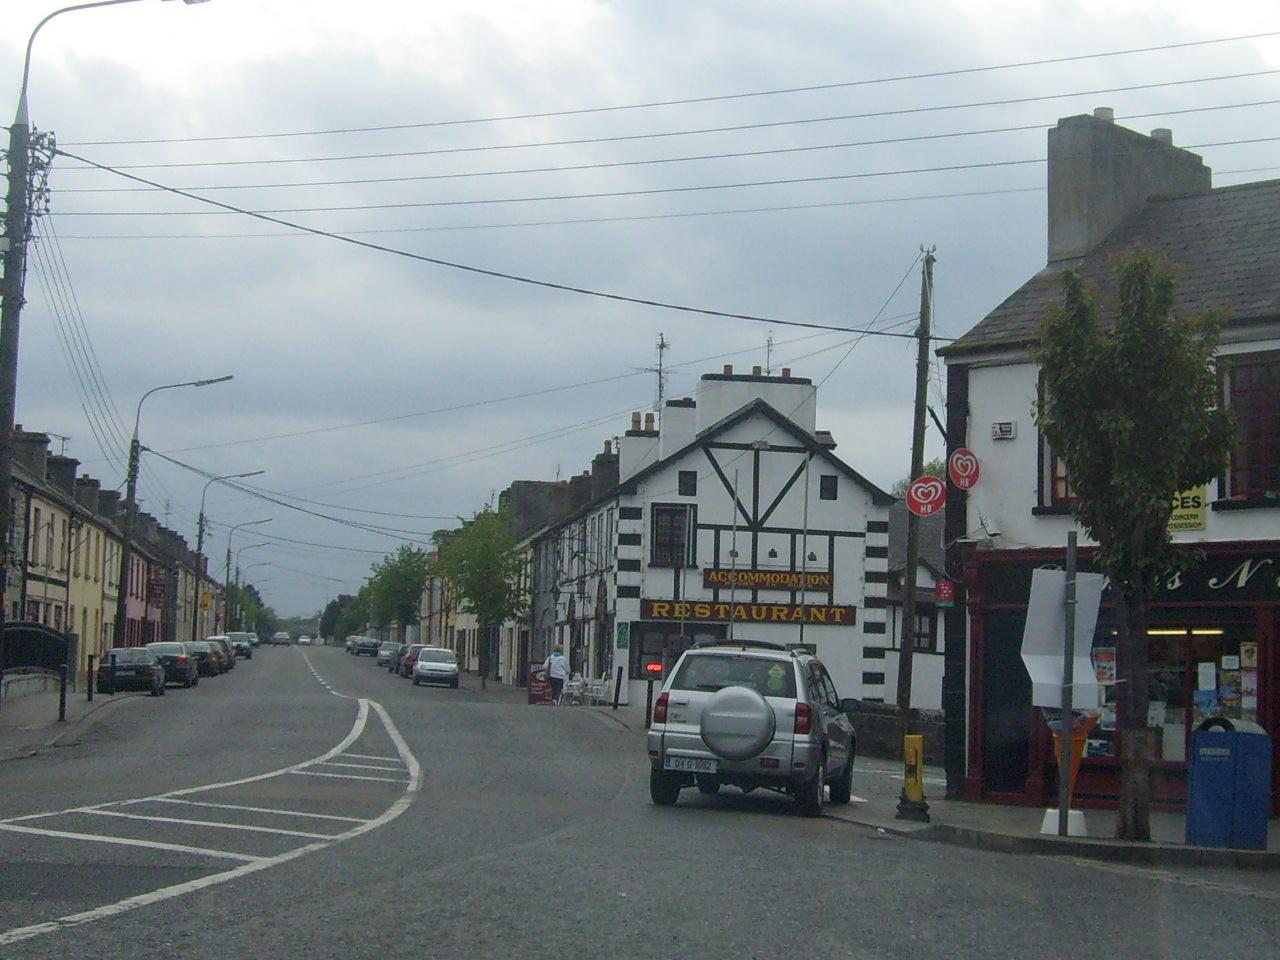 Charlestown Irland Wikipedia